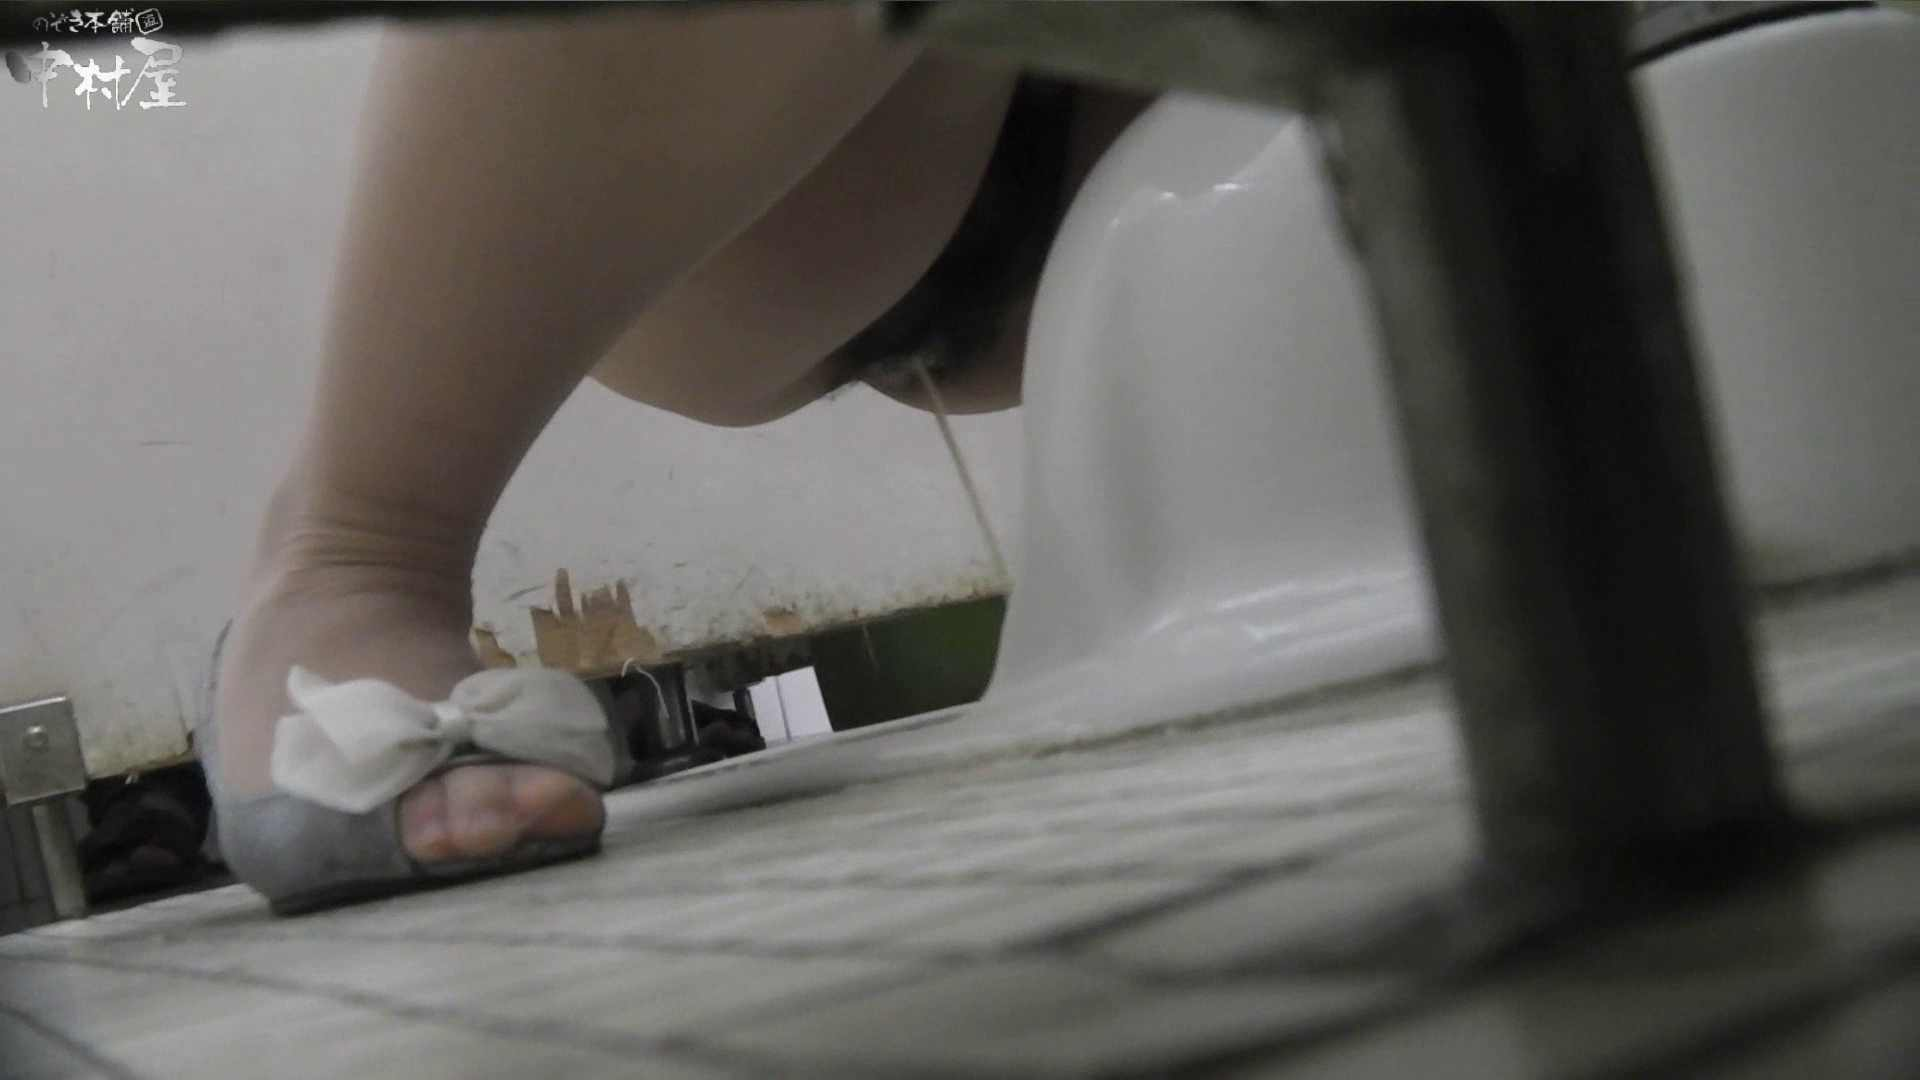 vol.07 命がけ潜伏洗面所! パンツの跡(ひも付き) プライベート エロ画像 76PIX 8